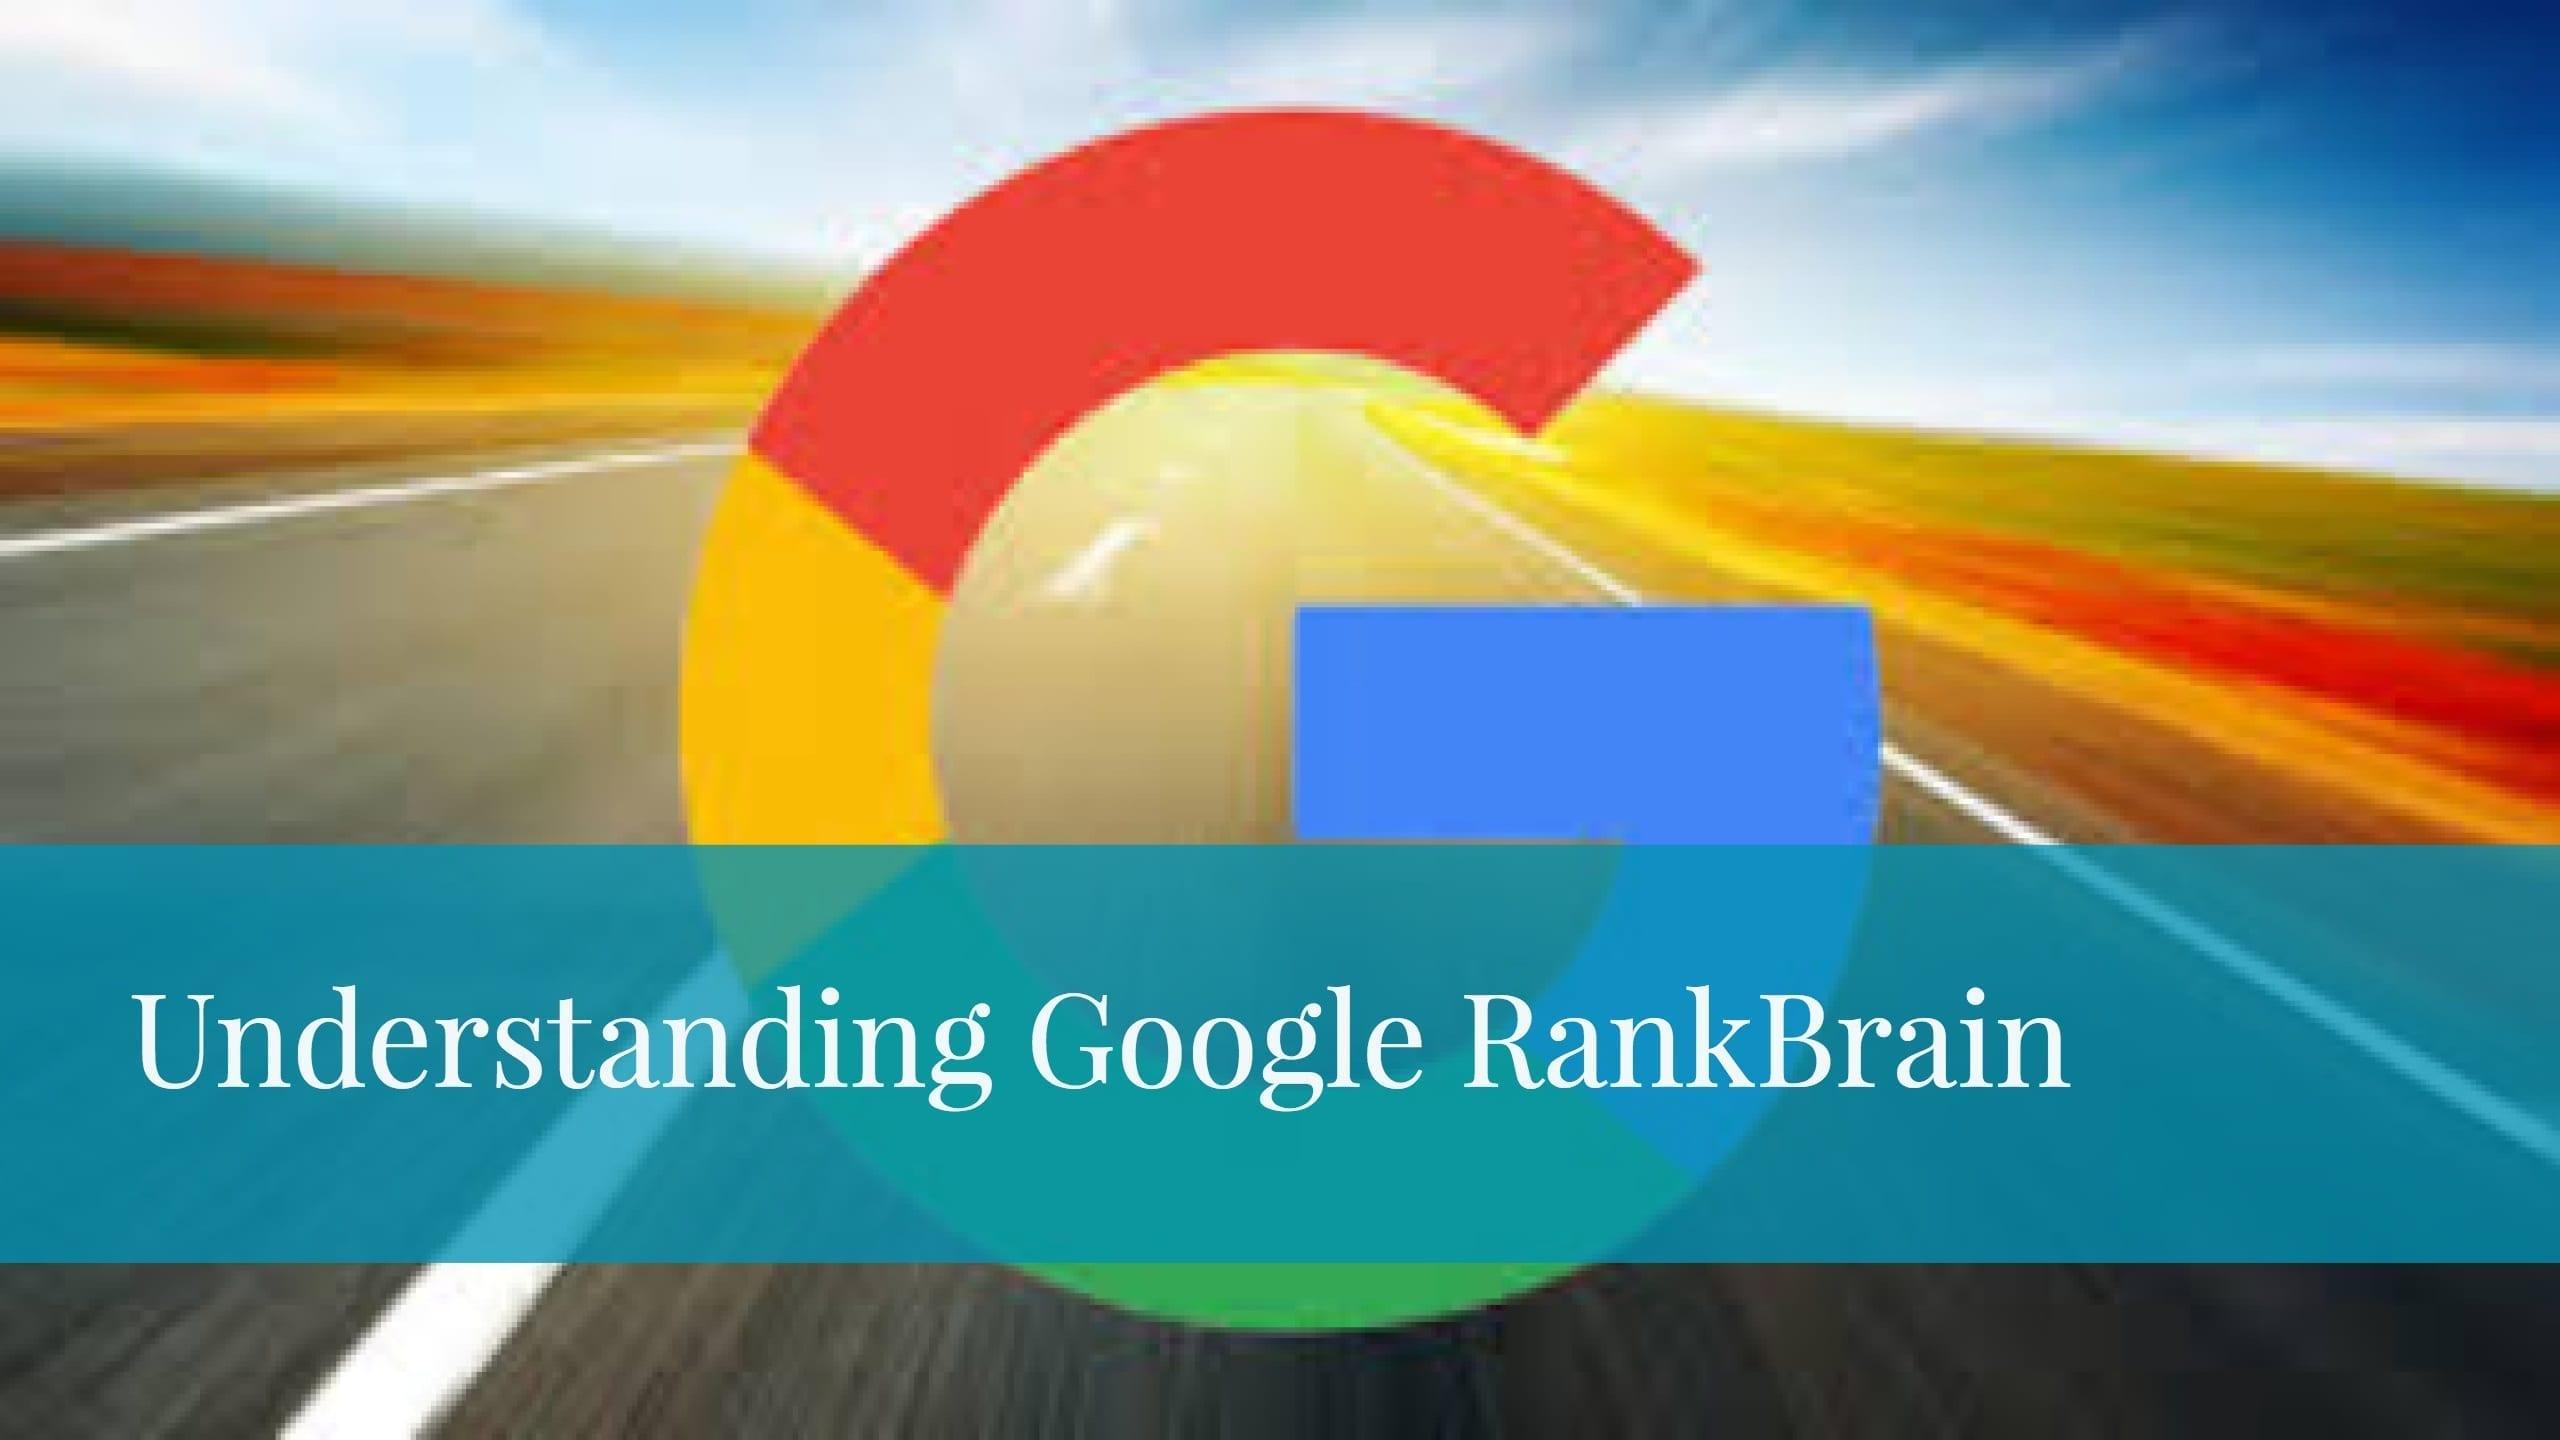 Understanding Google RankBrain